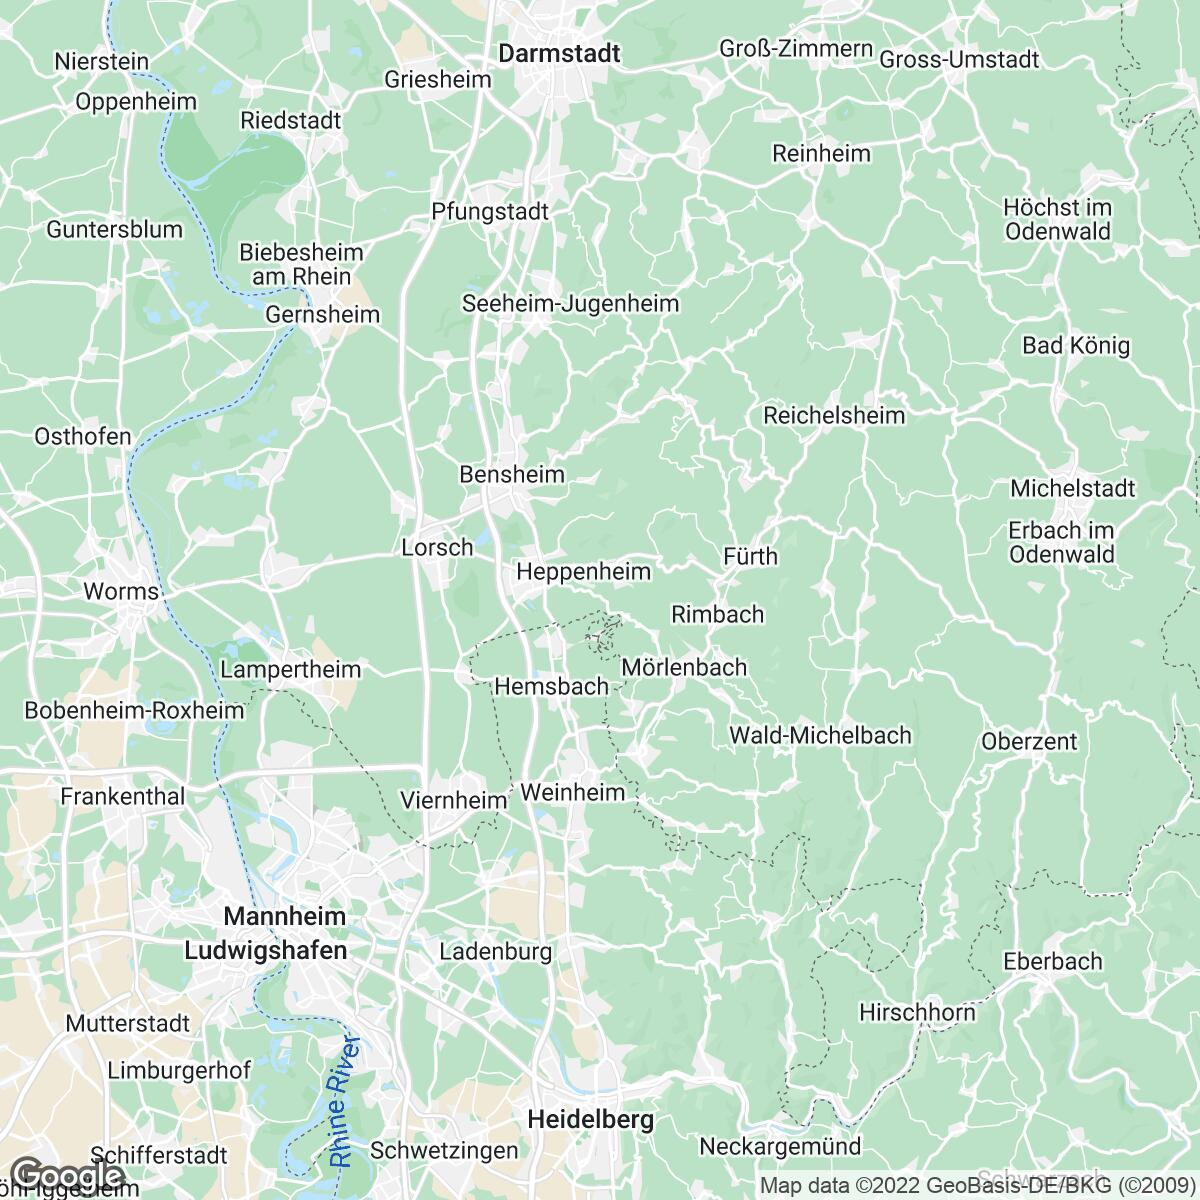 Verkaufsgebiet der Zeitungen VRM Tageszeitungen Rhein-Main